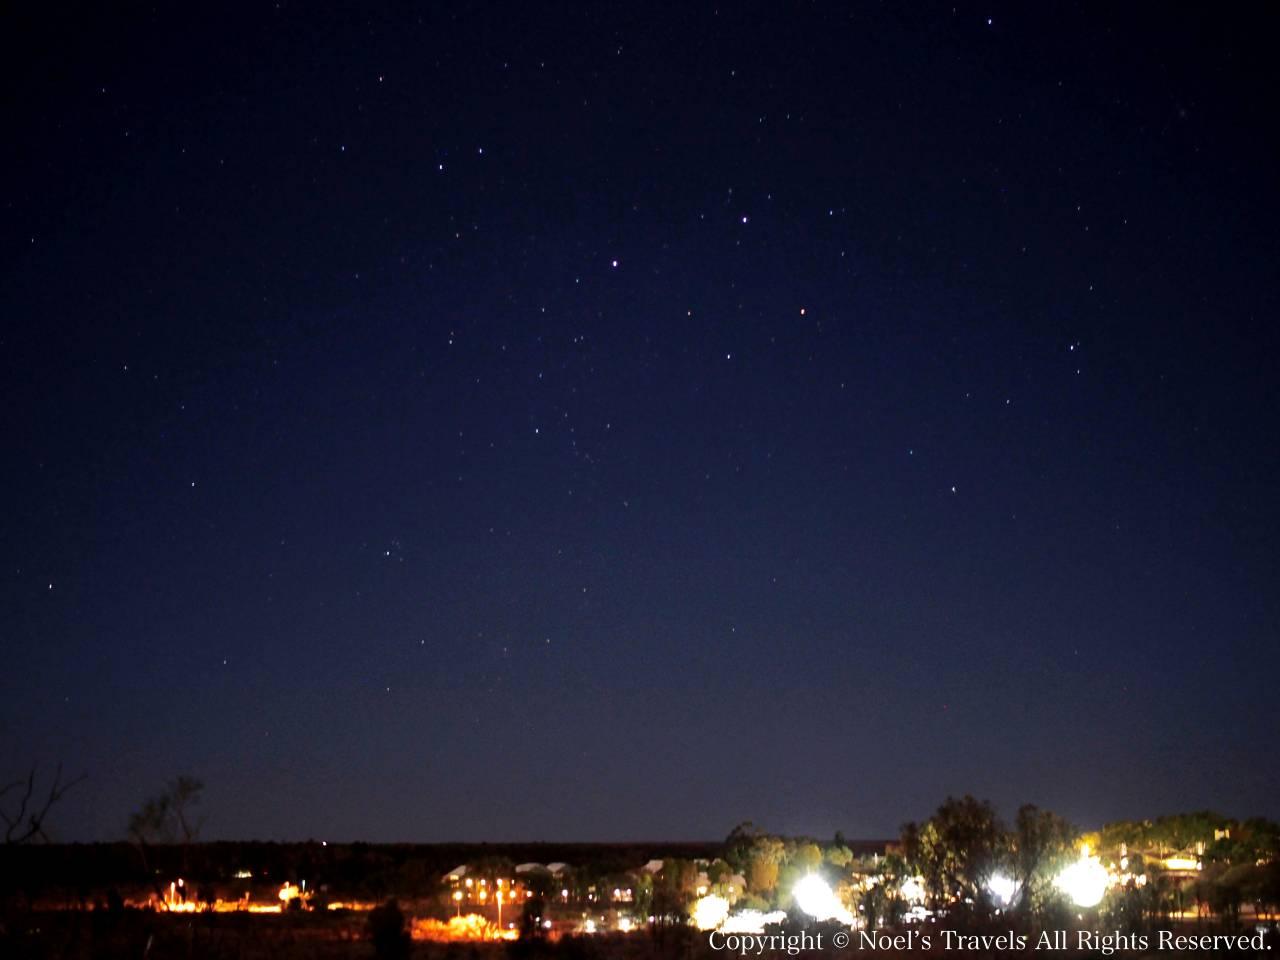 エアーズロックリゾートの星空